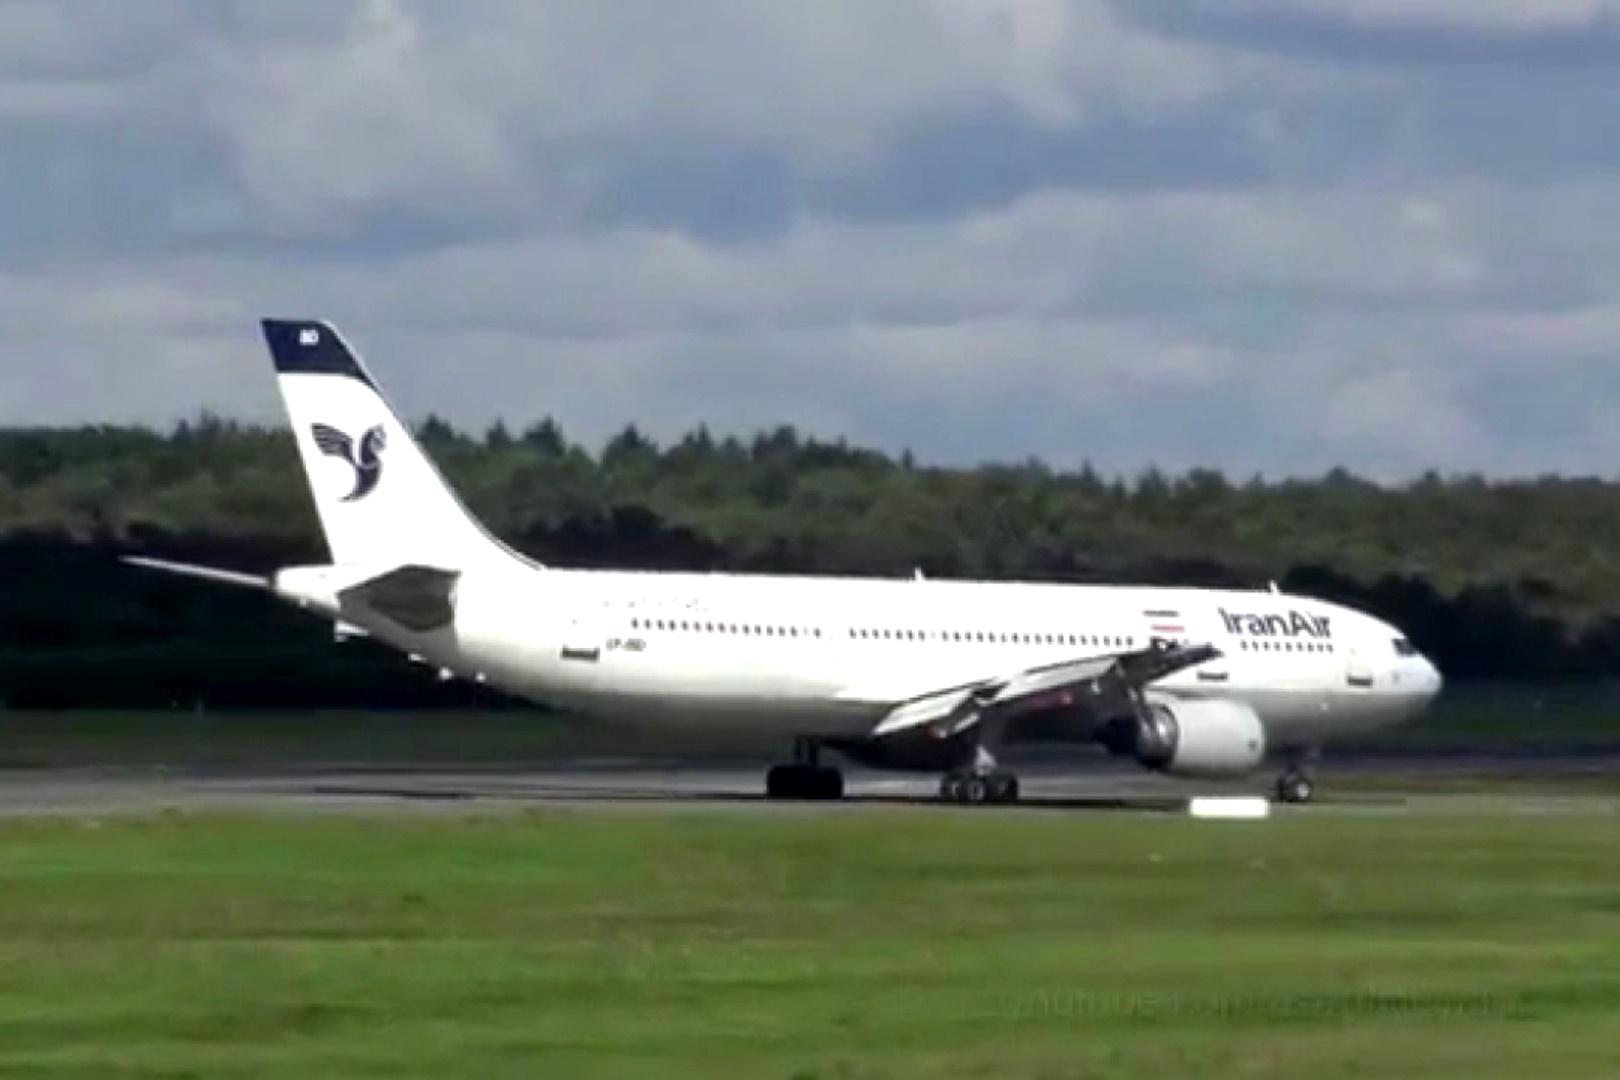 فیلم | فرود ایرباس A300 هما در فرودگاه هامبورگ آلمان